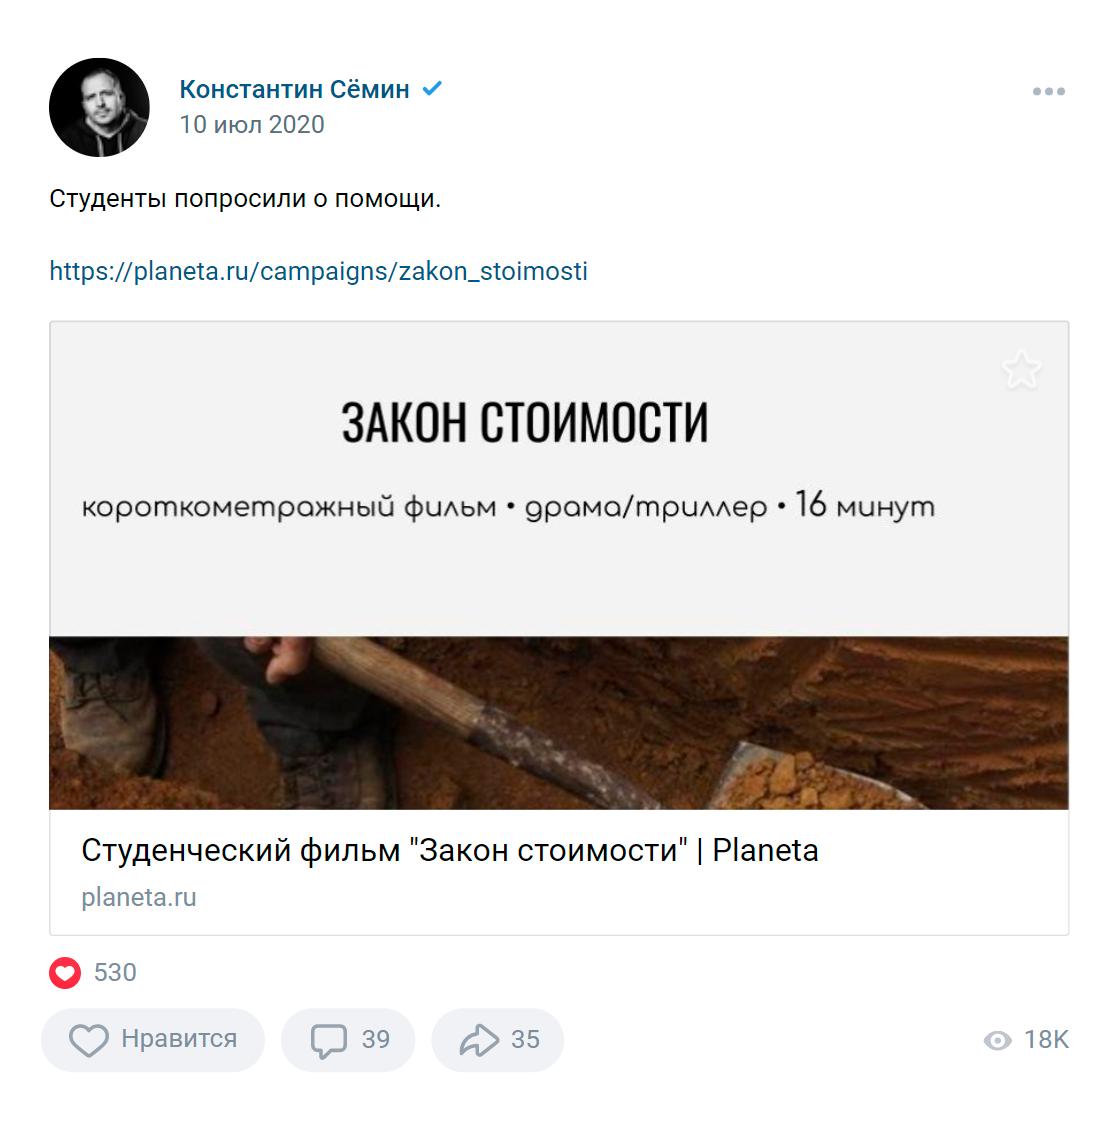 Еще написали блогеру Константину Семину. Его пост привлек большое внимание к проекту — после него мы собрали треть суммы. Источник: vk.com